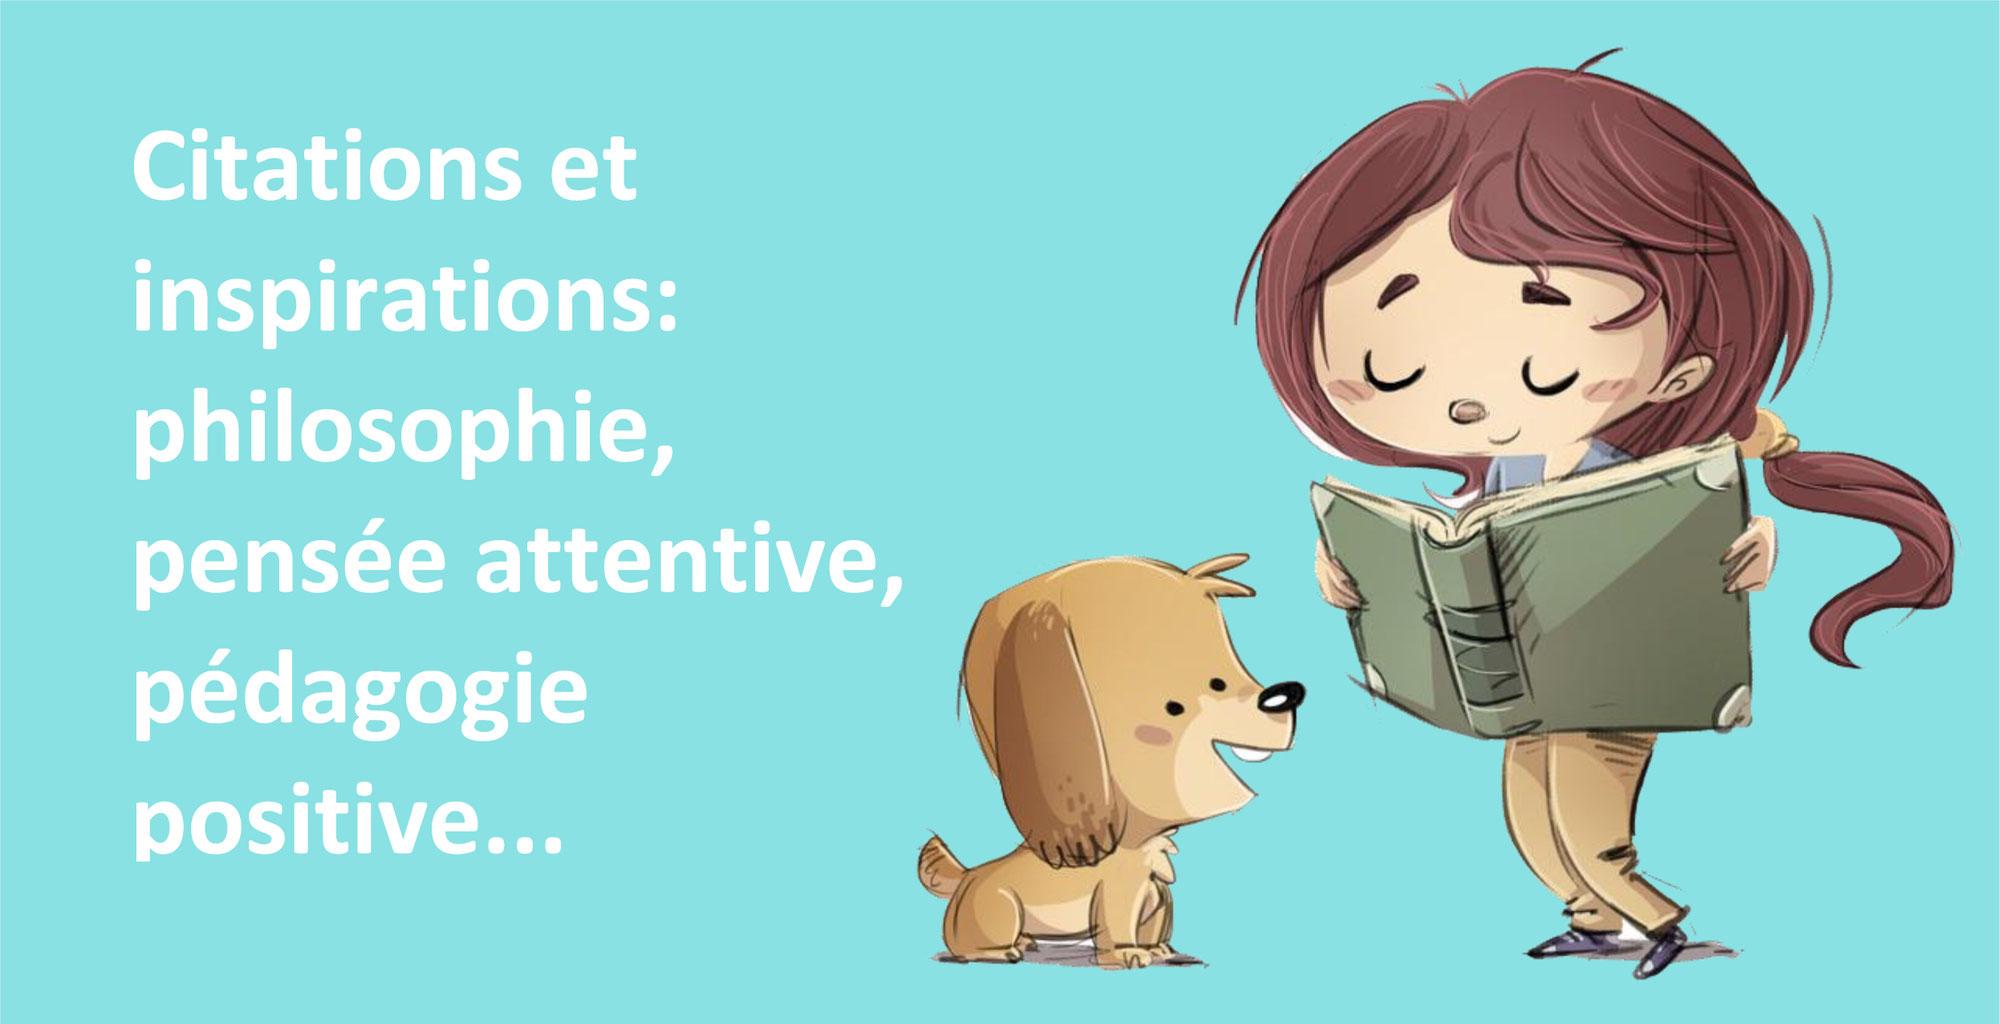 Citations et inspirations: philosophie, pensée attentive, pédagogie positive...